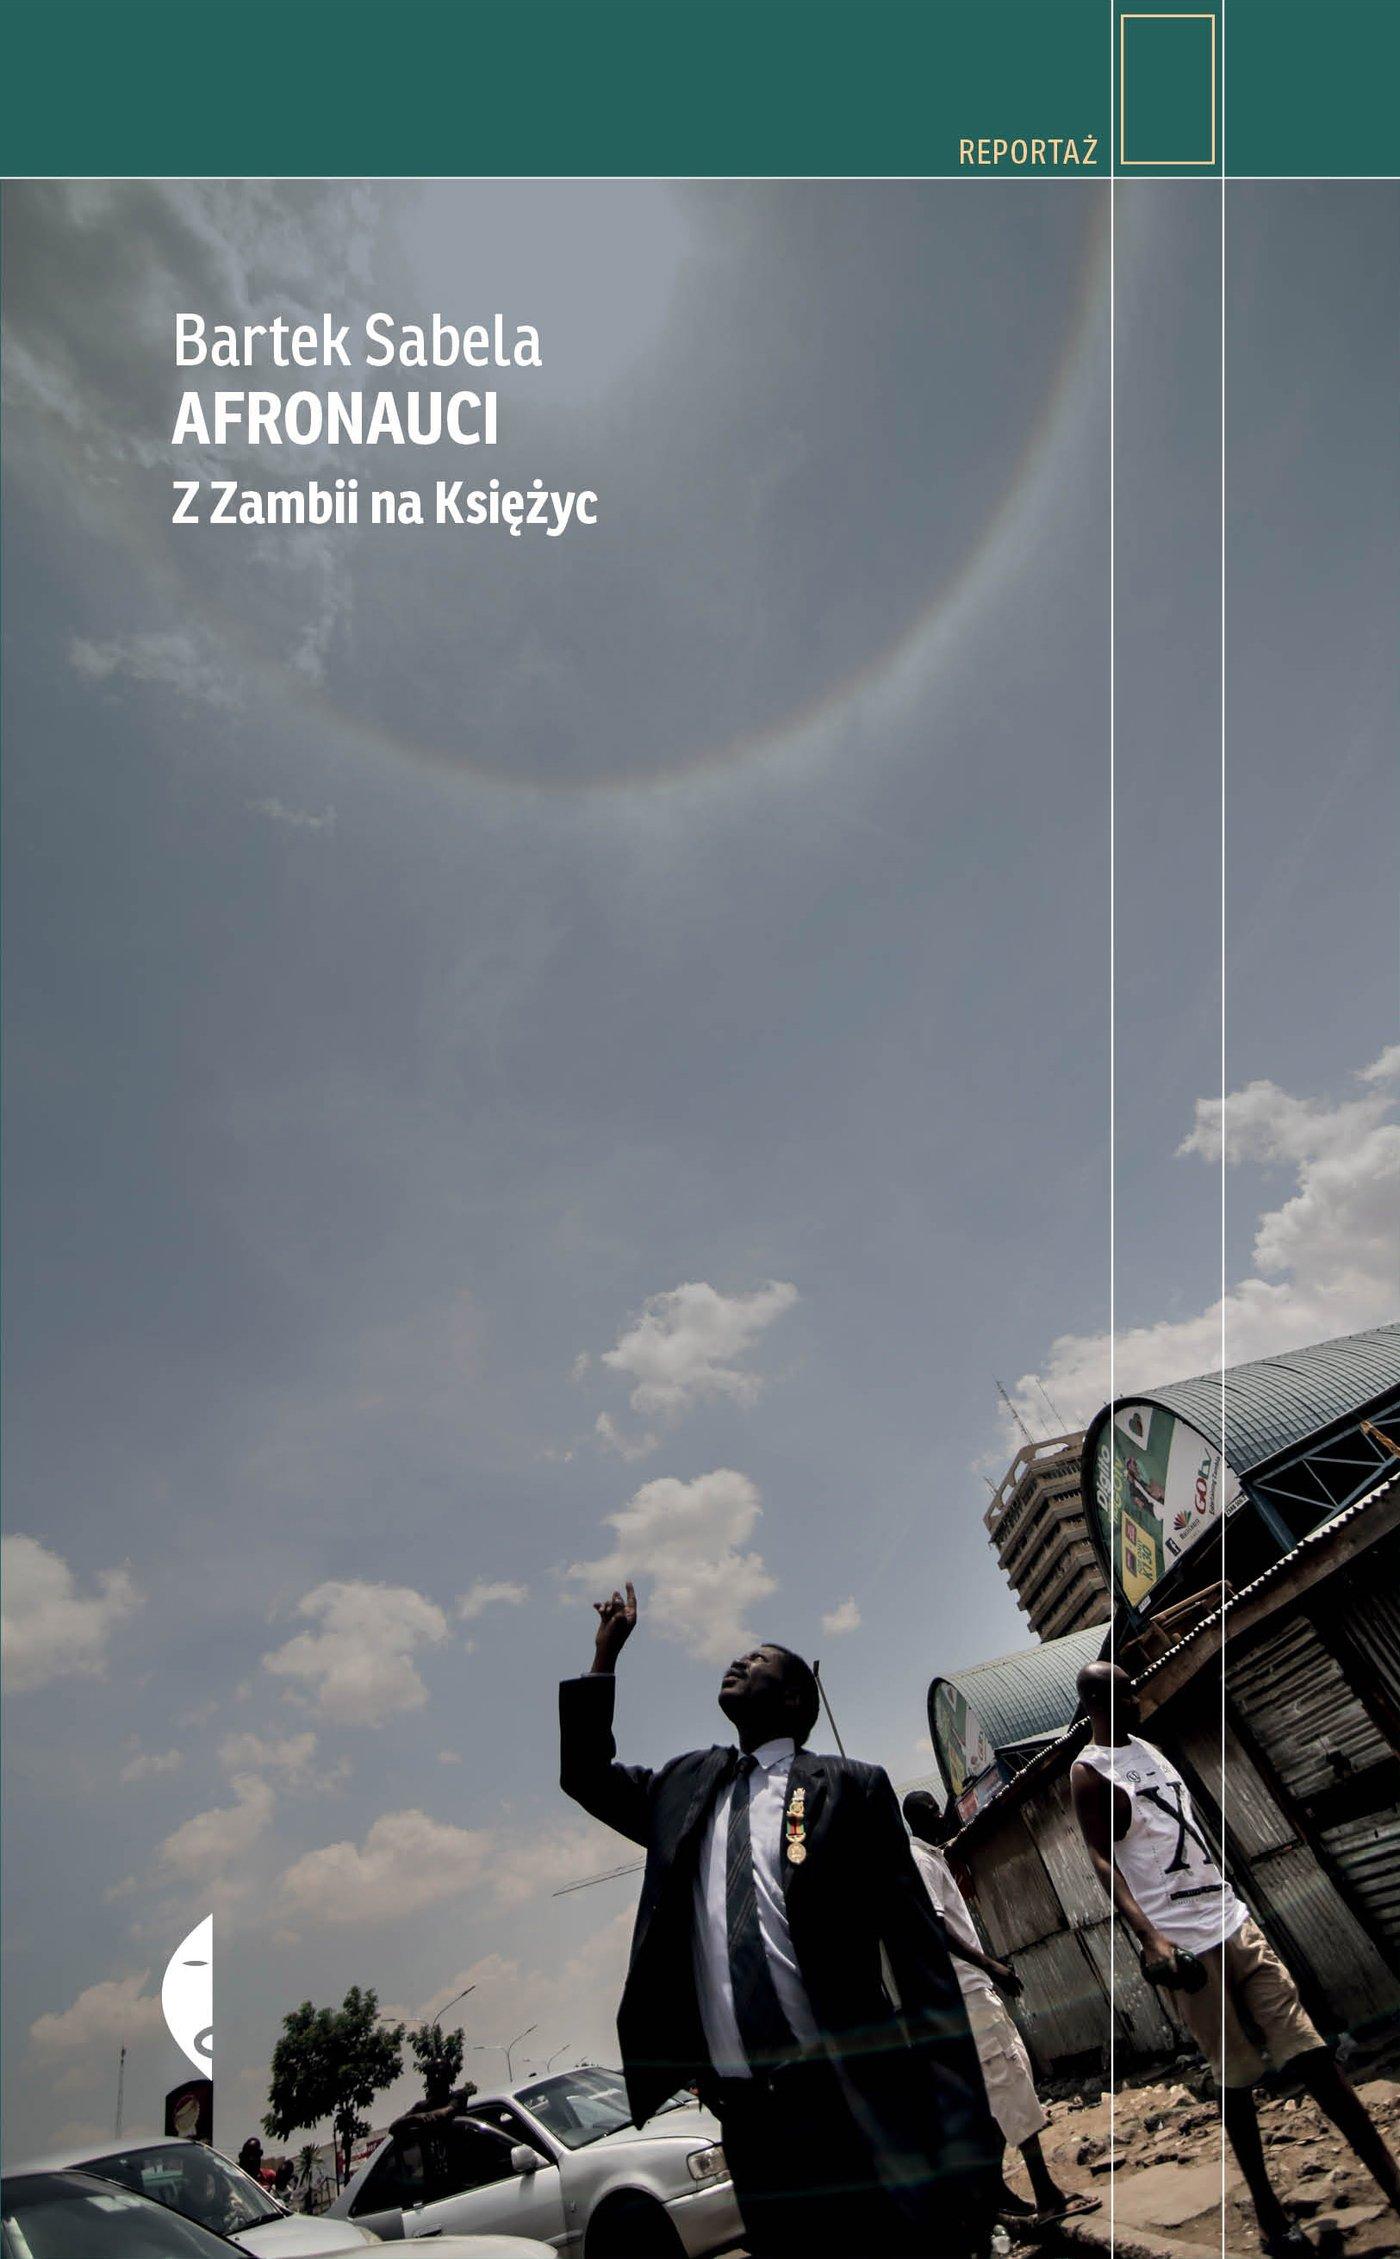 Afronauci - Ebook (Książka EPUB) do pobrania w formacie EPUB